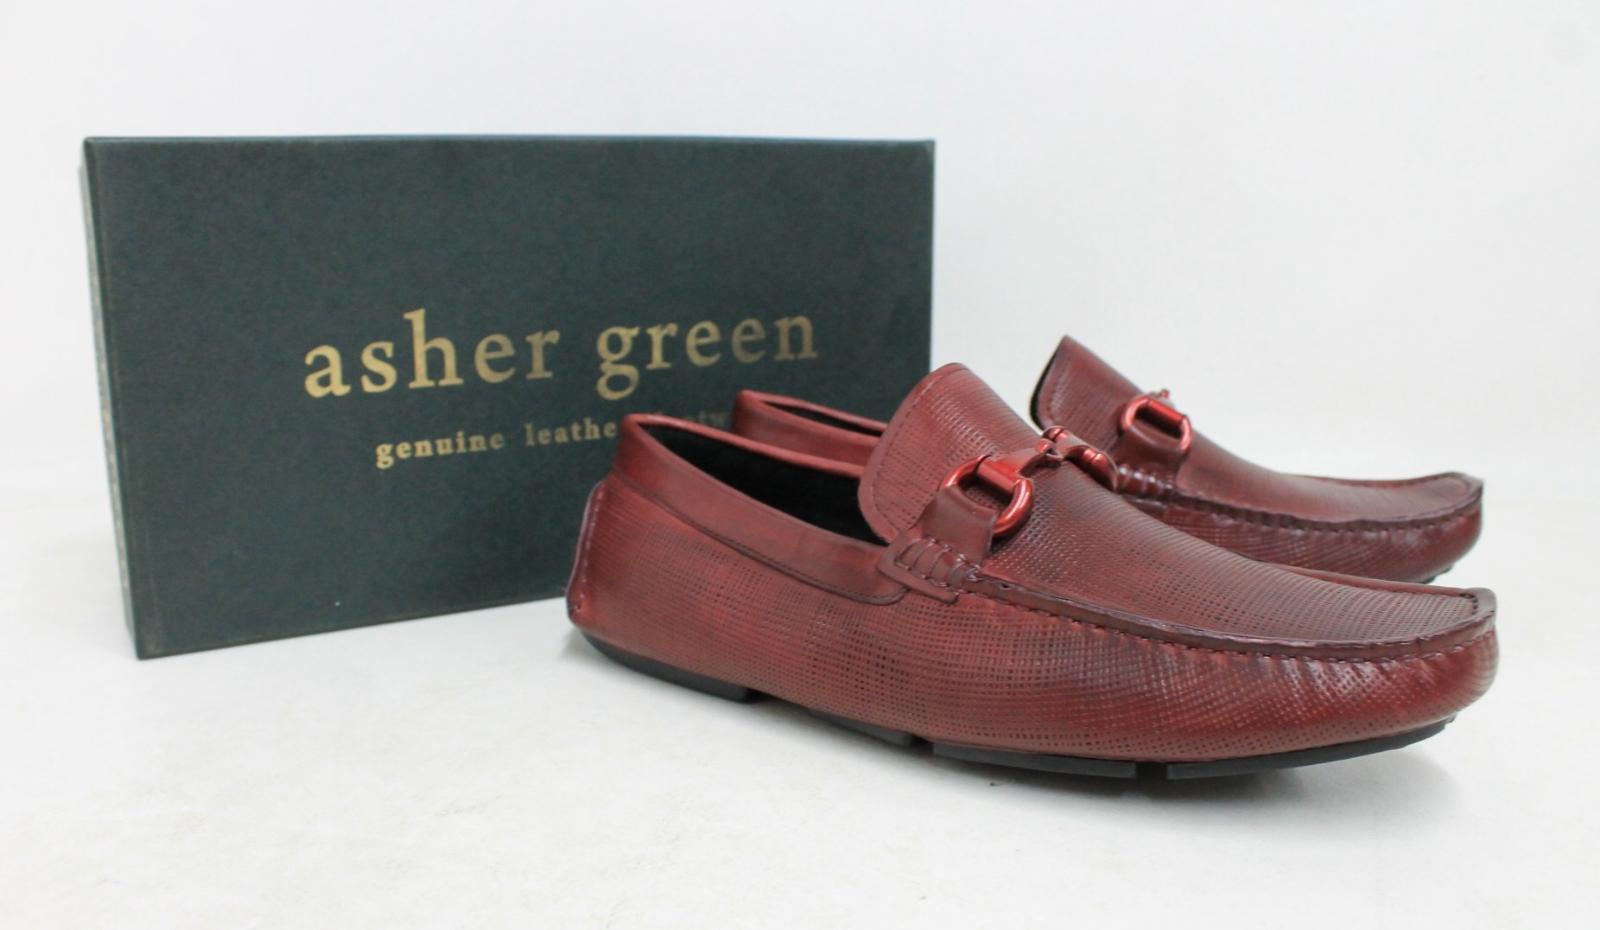 Asher-Verde-Uomo-Rosso-Bordeaux-in-Pelle-GUCCI-Mocassino-Tg-UK-8-US9-NUOVO-CON-SCATOLA miniatura 2